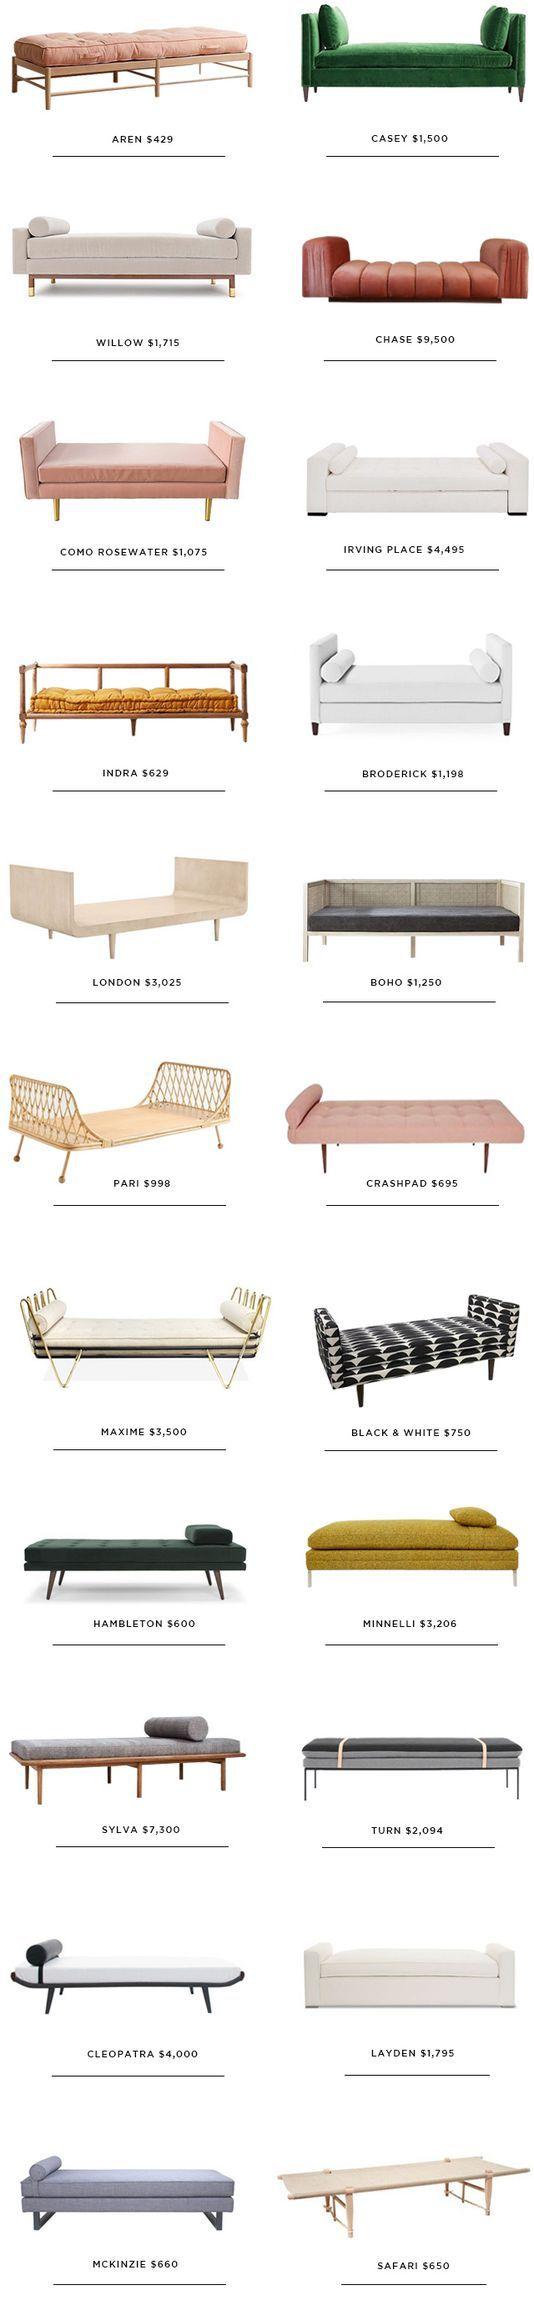 30 Best Mueble Led Tv Rinnova Images On Pinterest Cl Furniture  # Muebles Rinnova